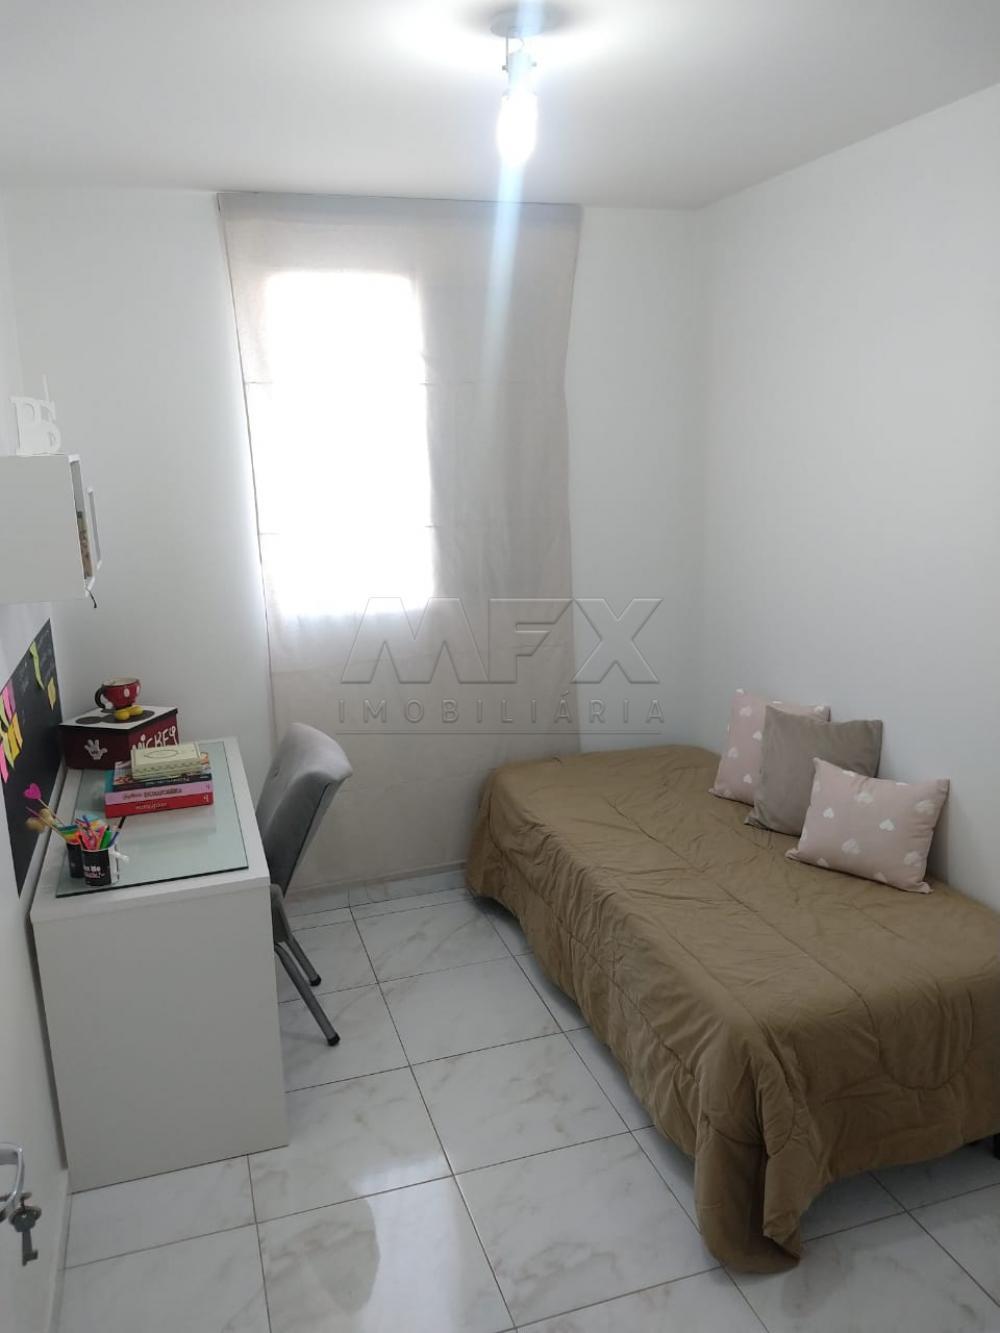 Comprar Apartamento / Padrão em Bauru apenas R$ 145.000,00 - Foto 7